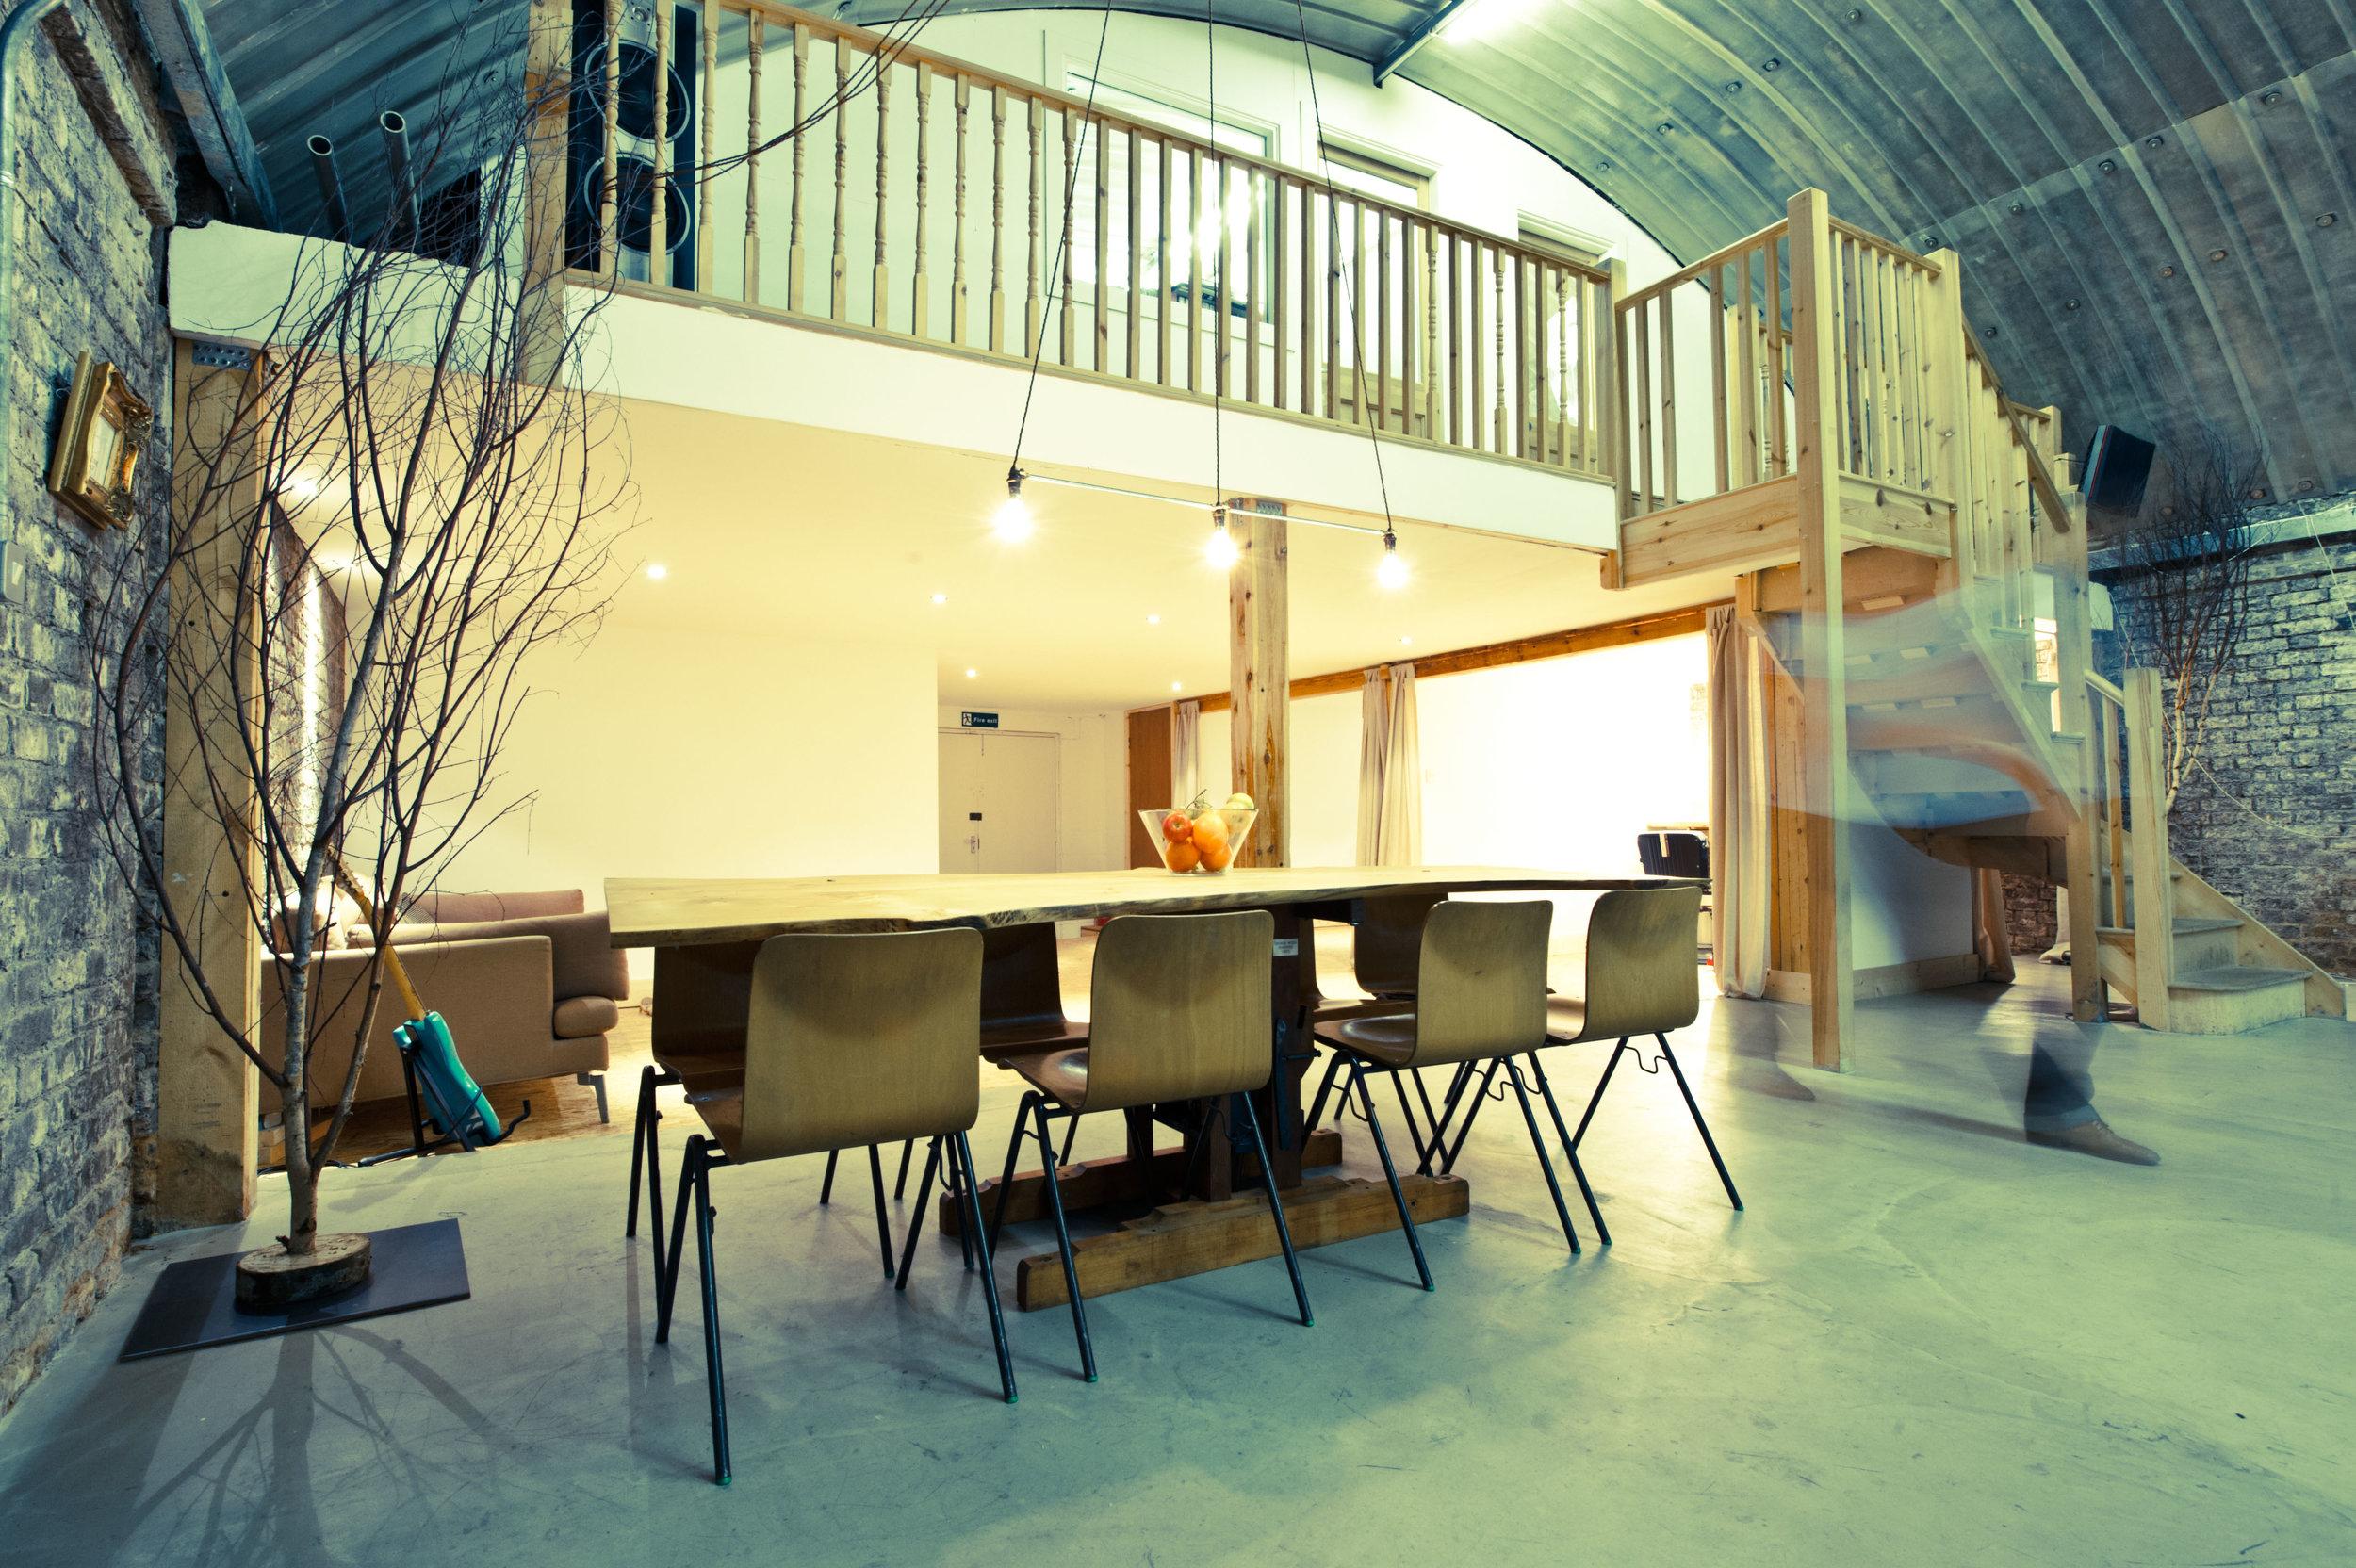 Daylight Studio (Hire) Shoreditch